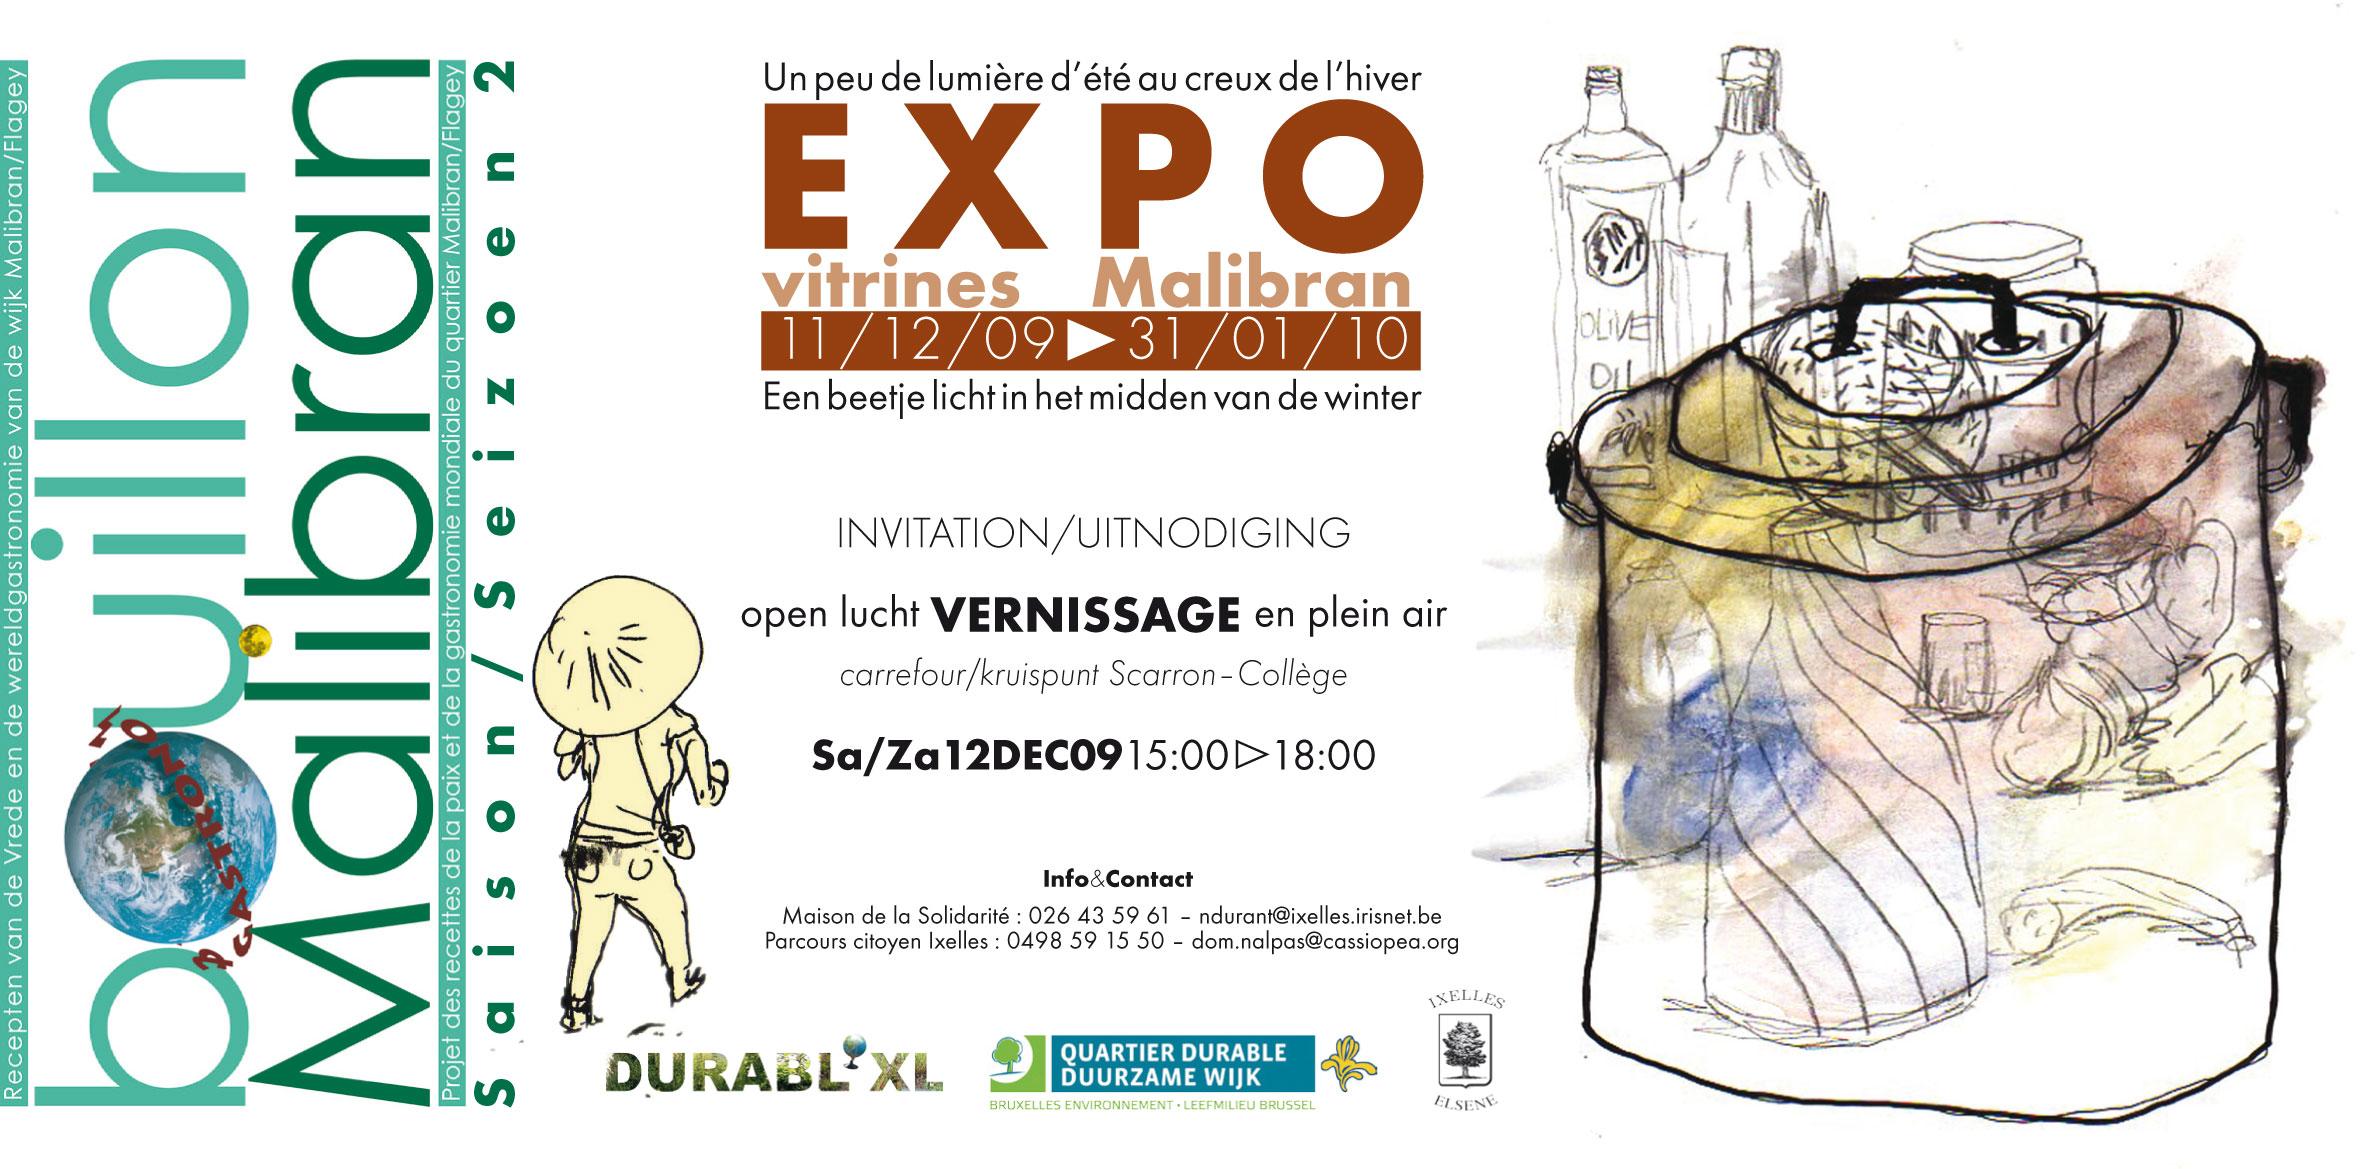 Expo Malibran